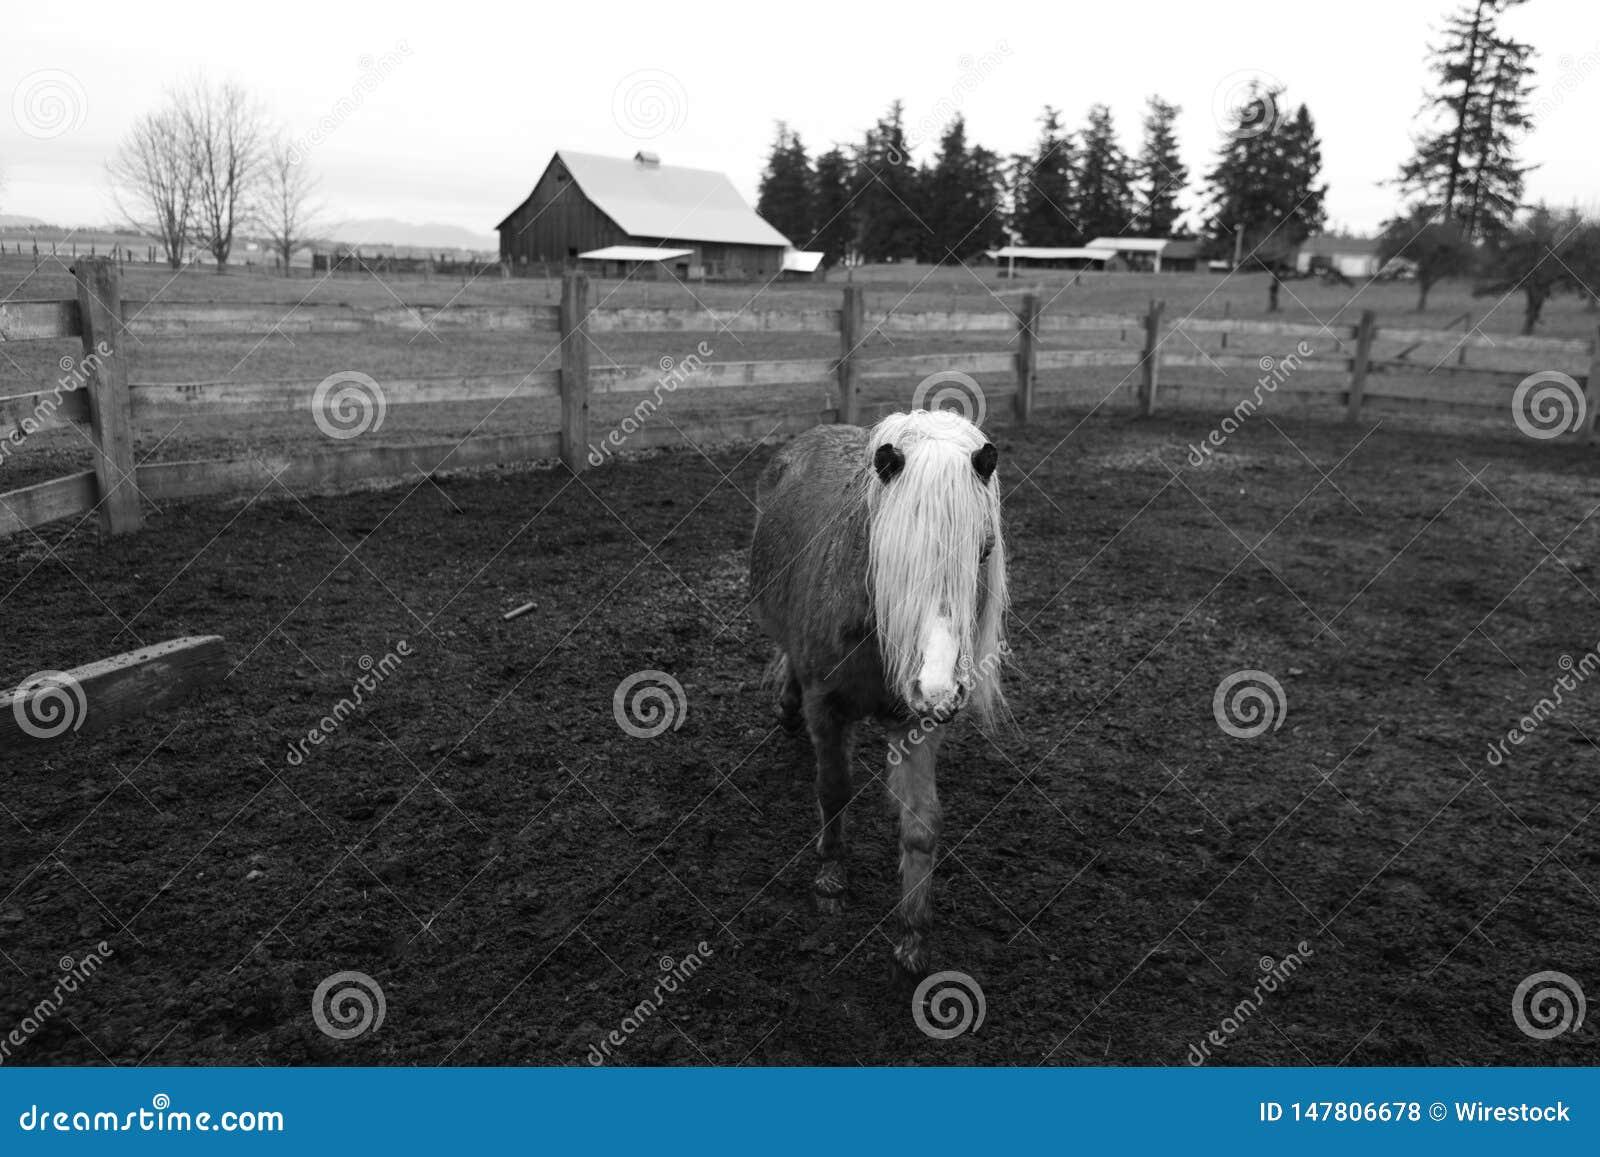 Un beau jeune poney simple dans une ferme